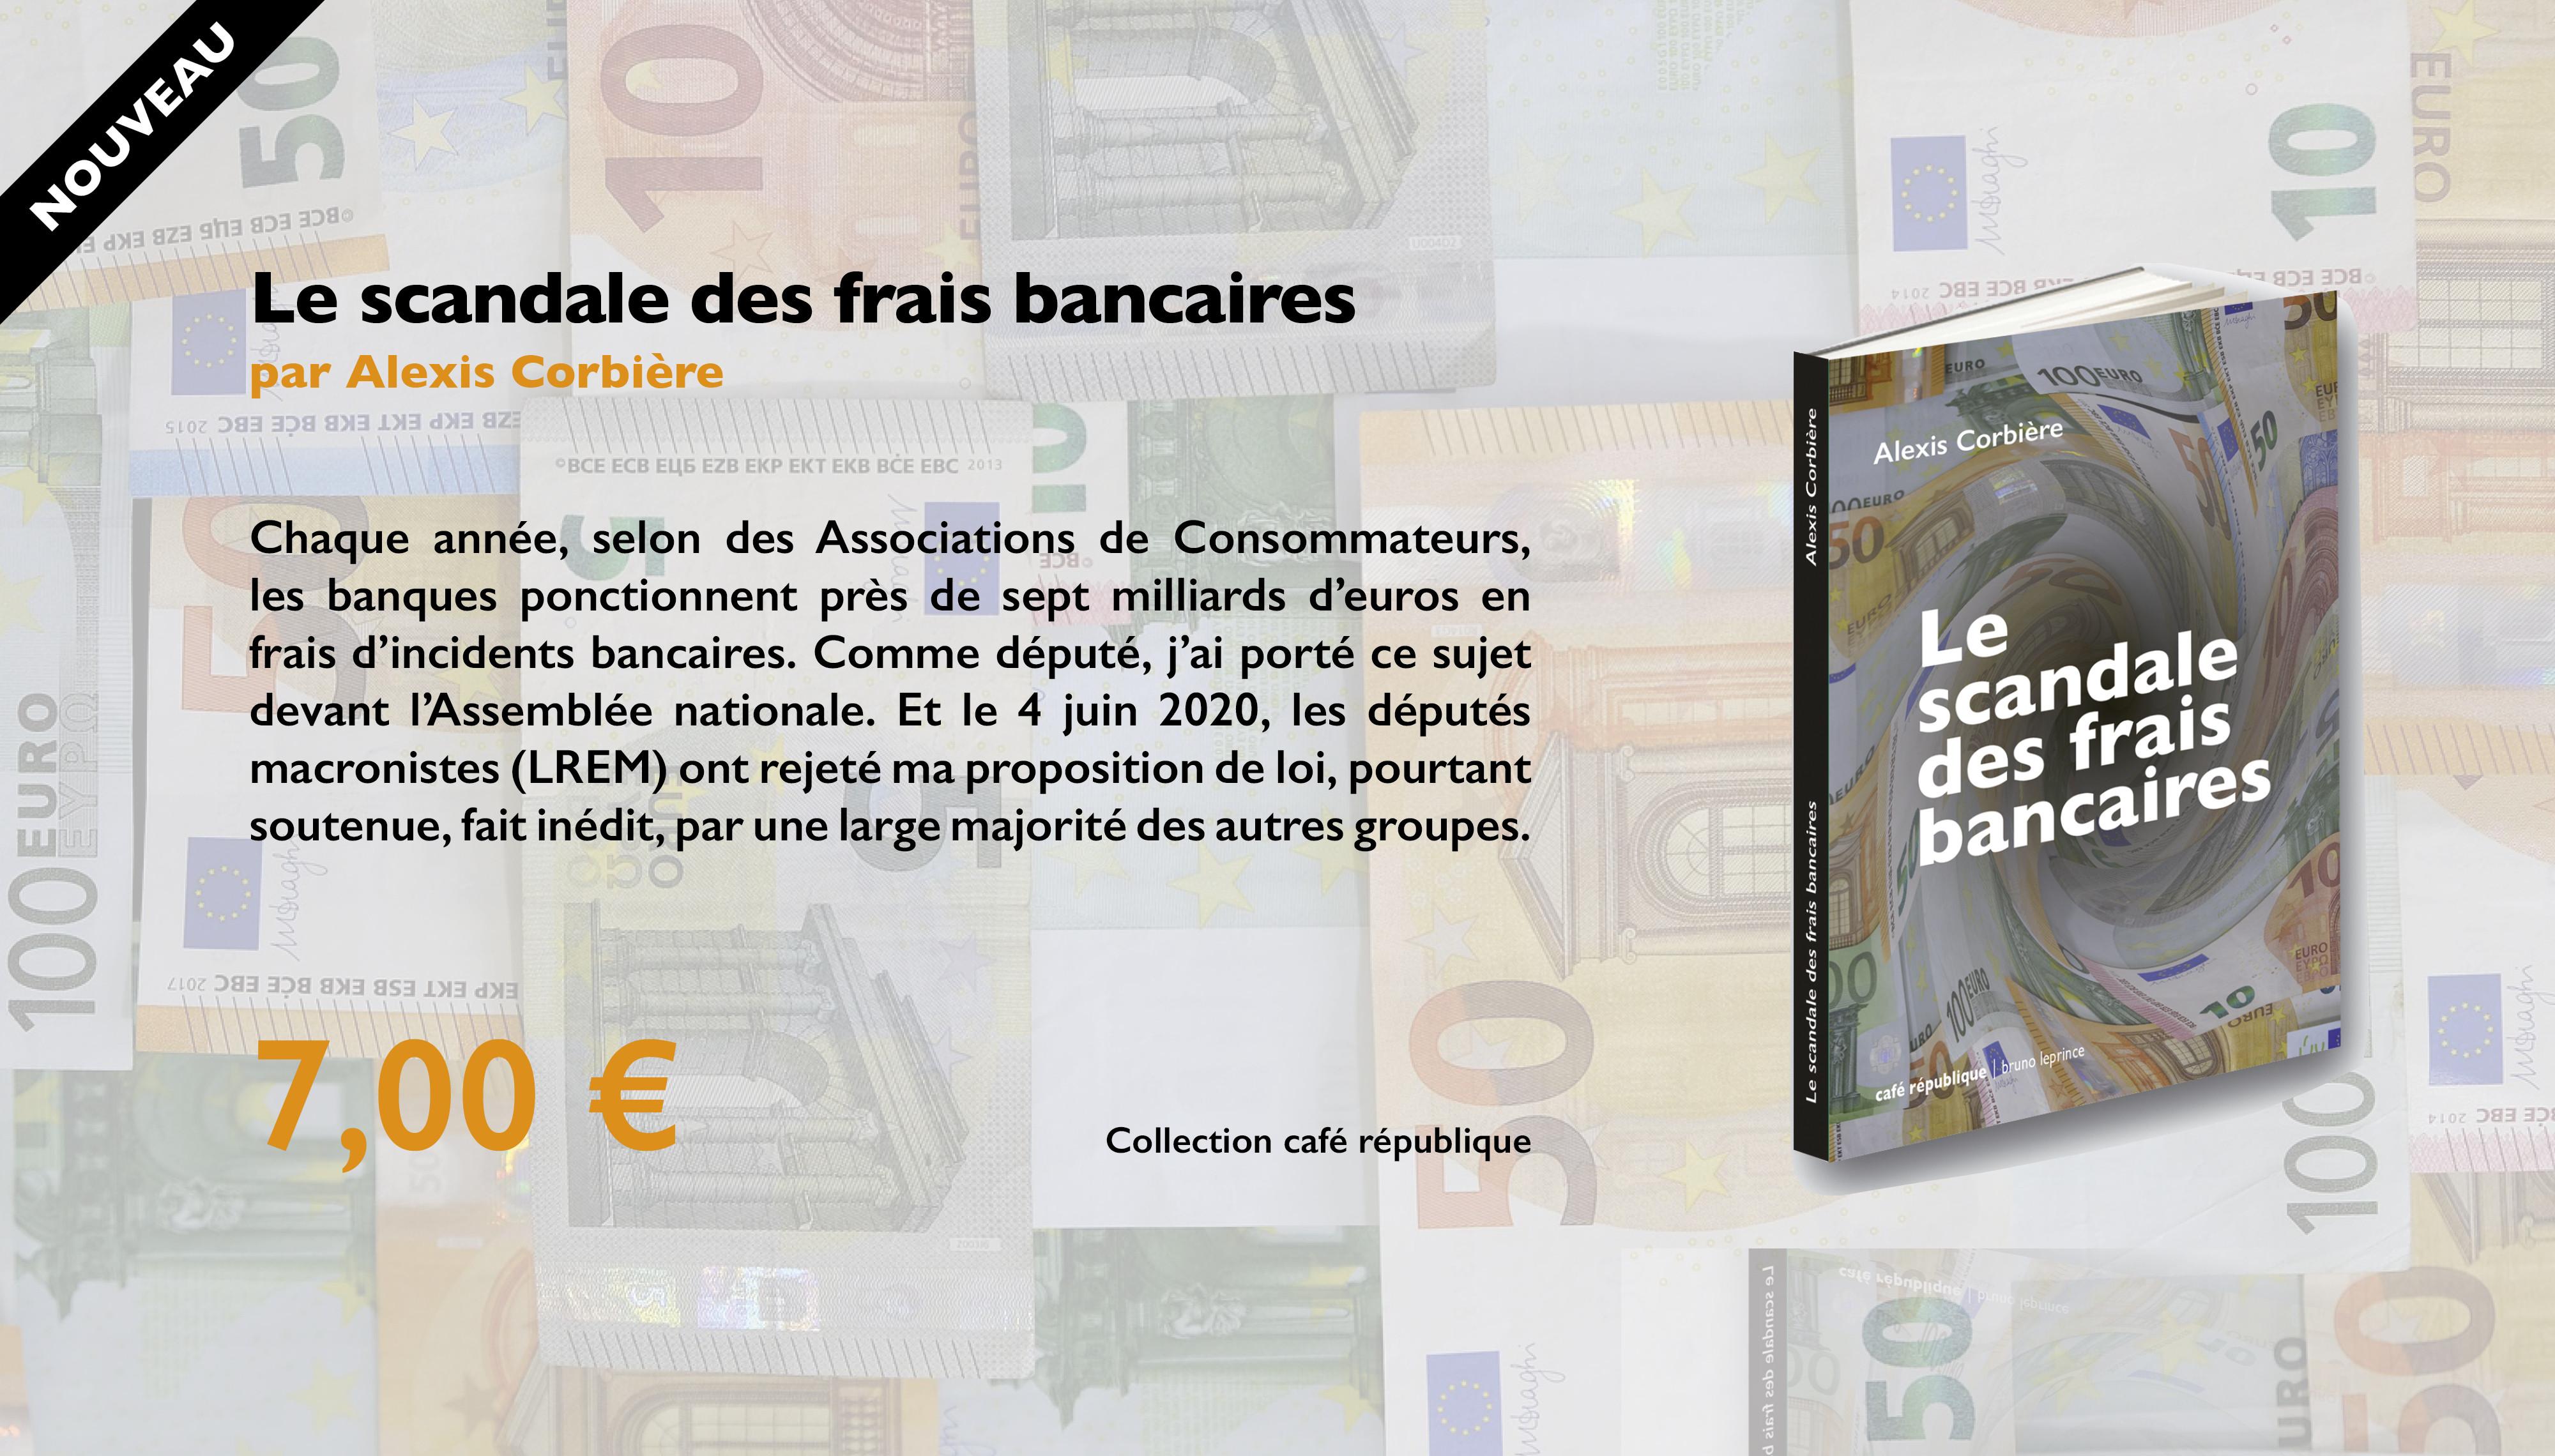 Auteur : Alexis Corbière